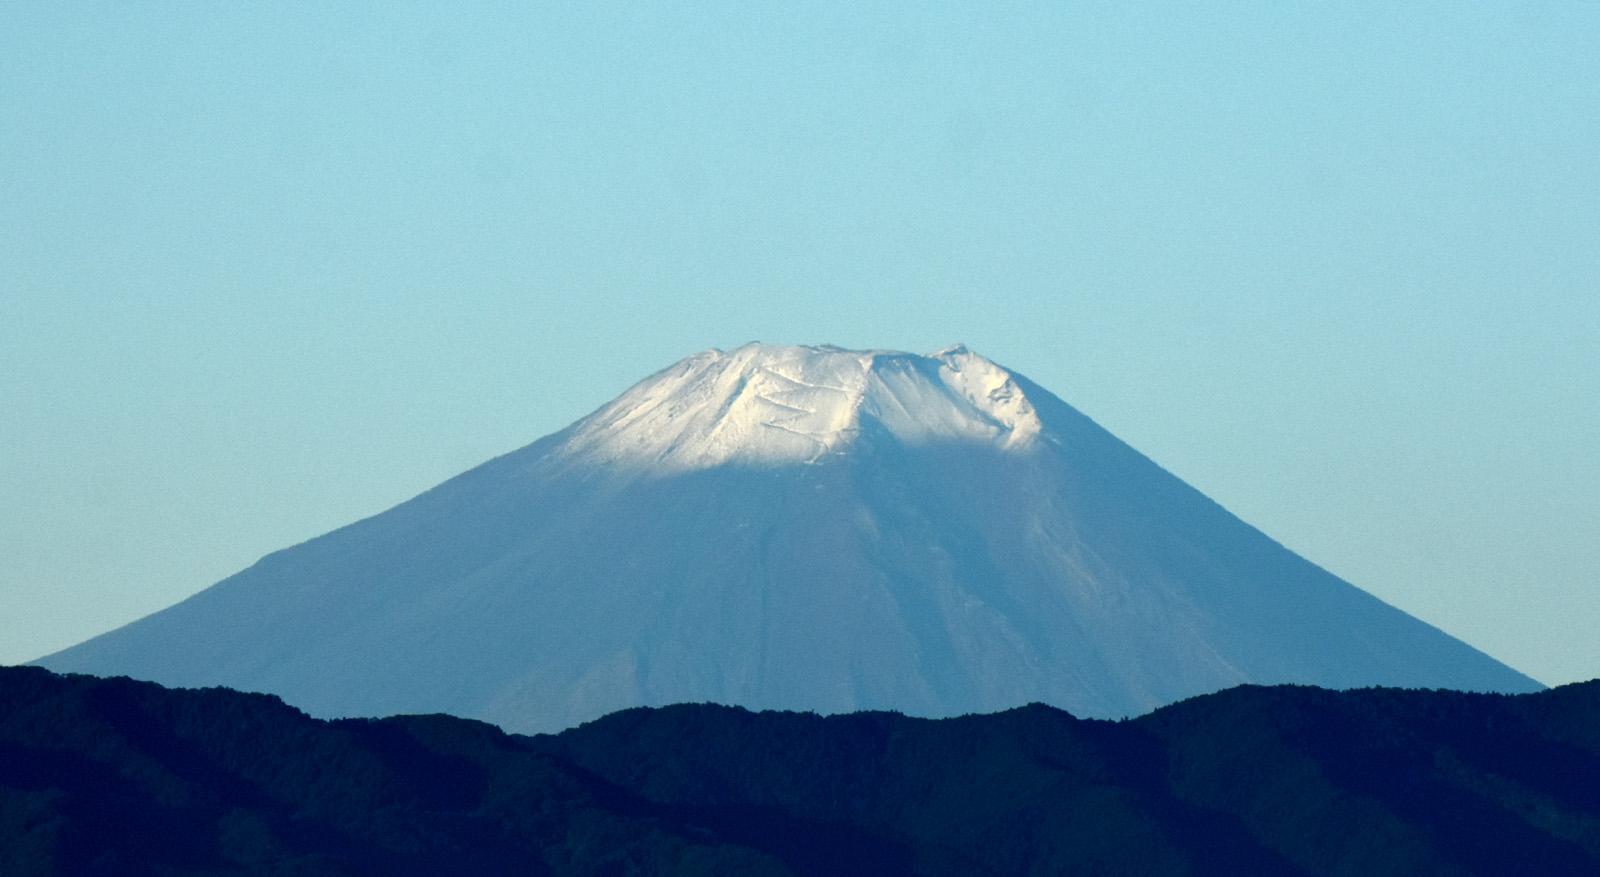 Fuji161026g438